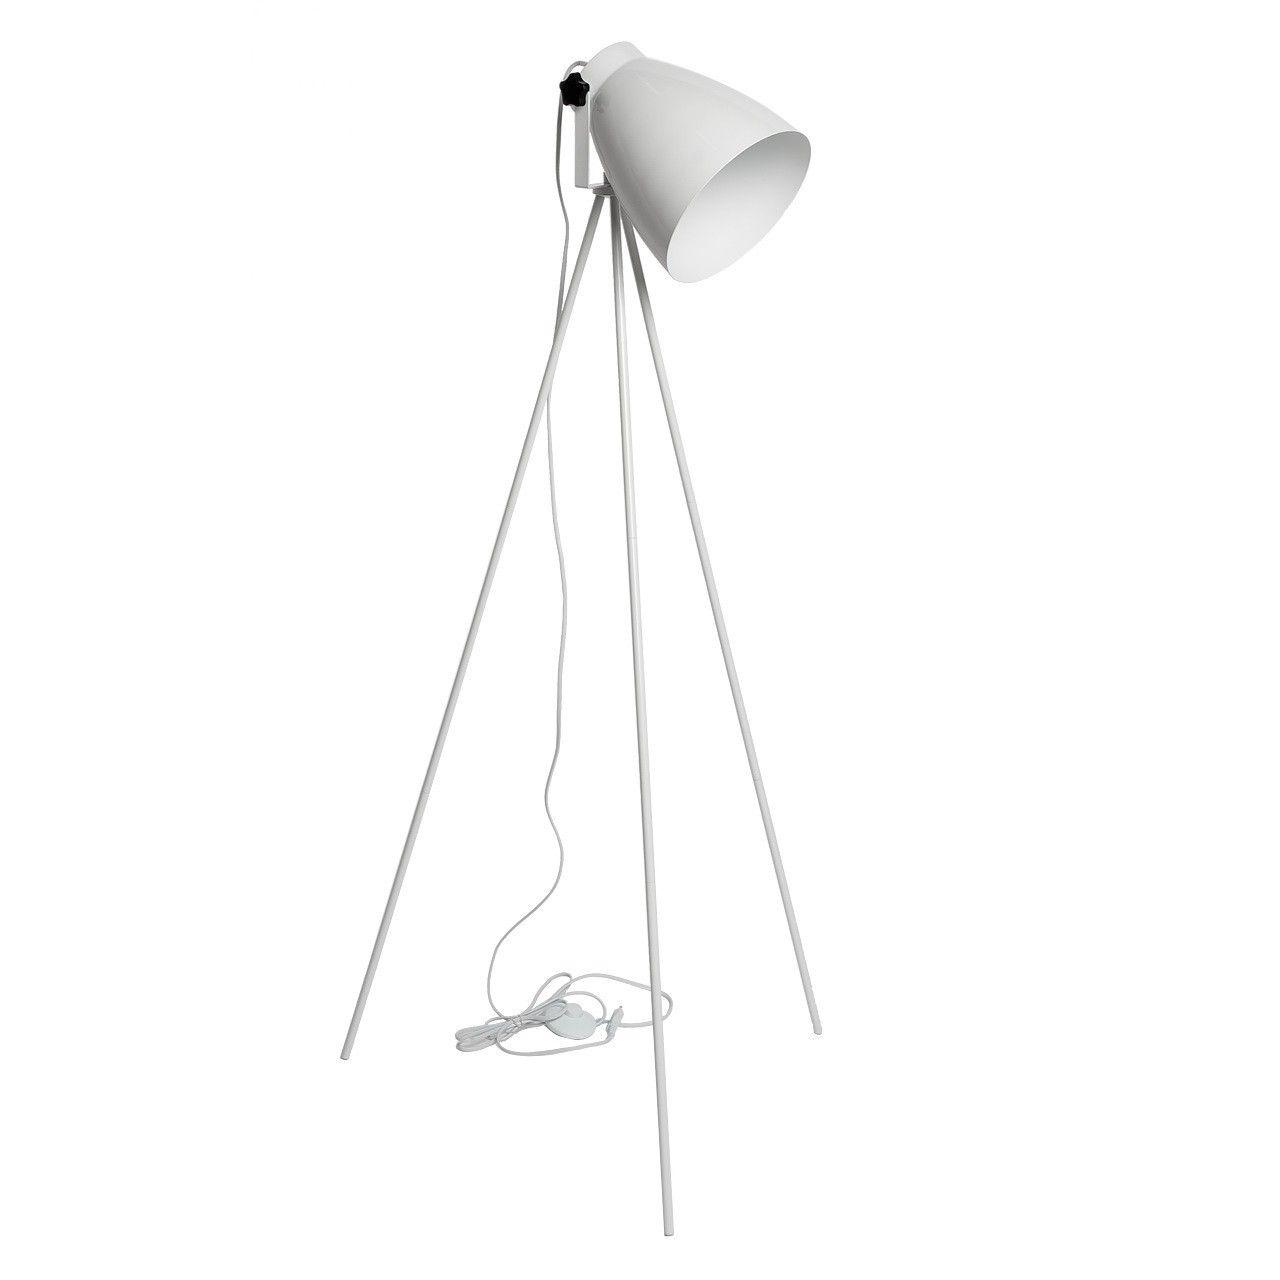 Stehlampe Mw013 Stehleuchte Standleuchte Weiss Stehlampe